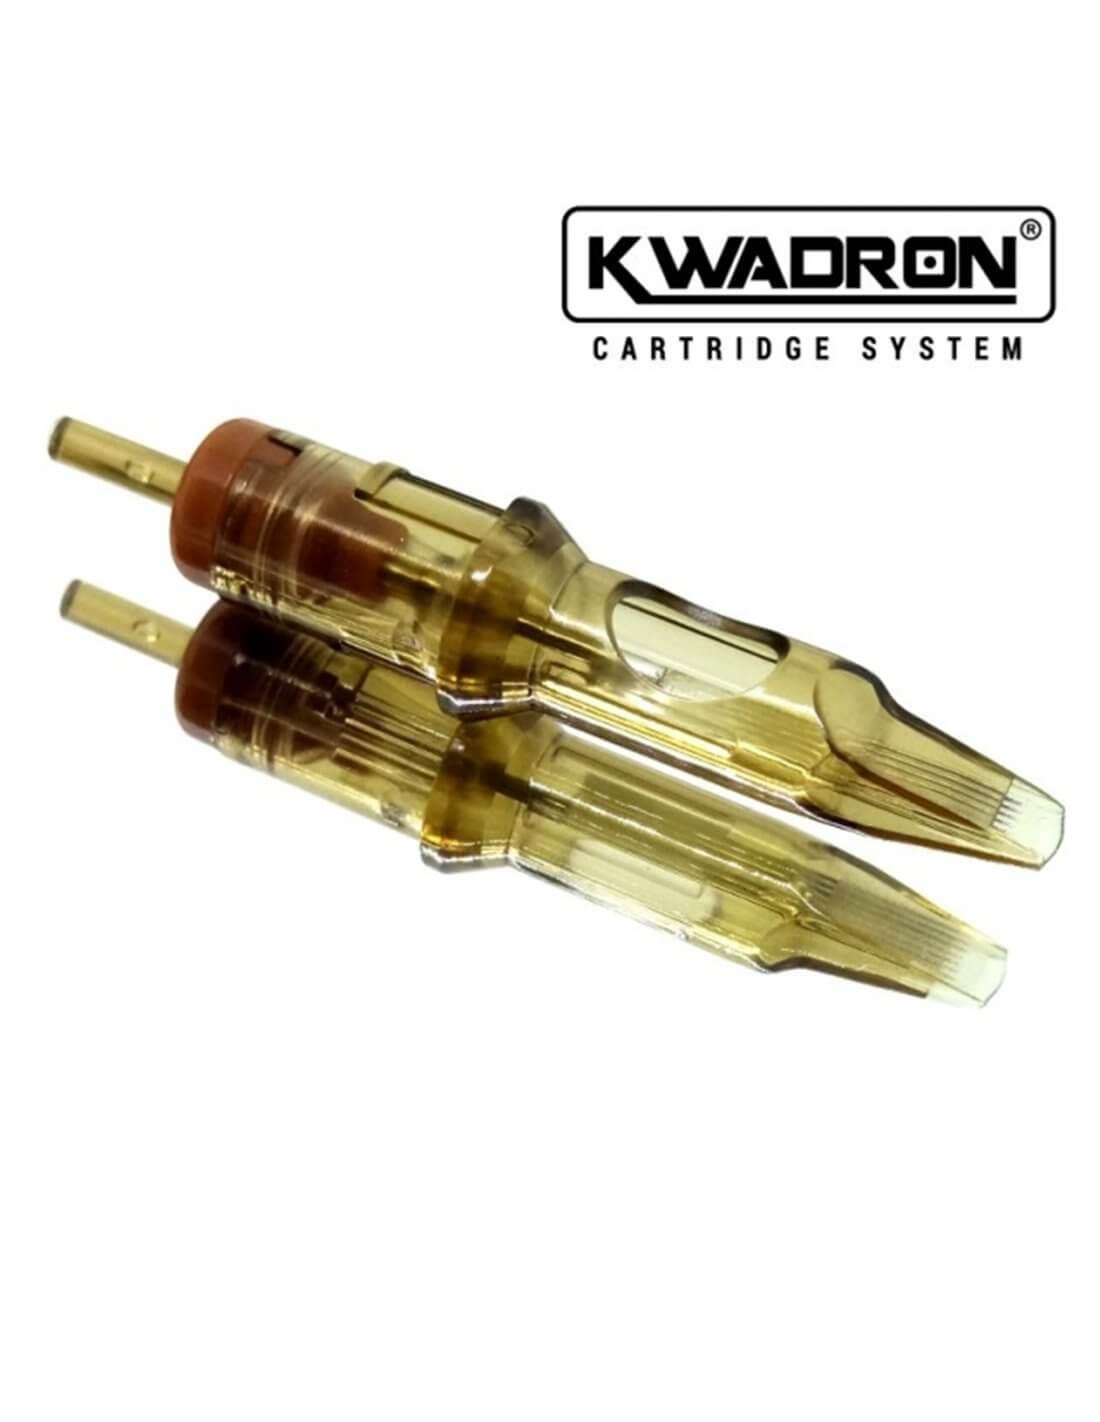 kwadron cartridge 11er soft edge magnum. Black Bedroom Furniture Sets. Home Design Ideas